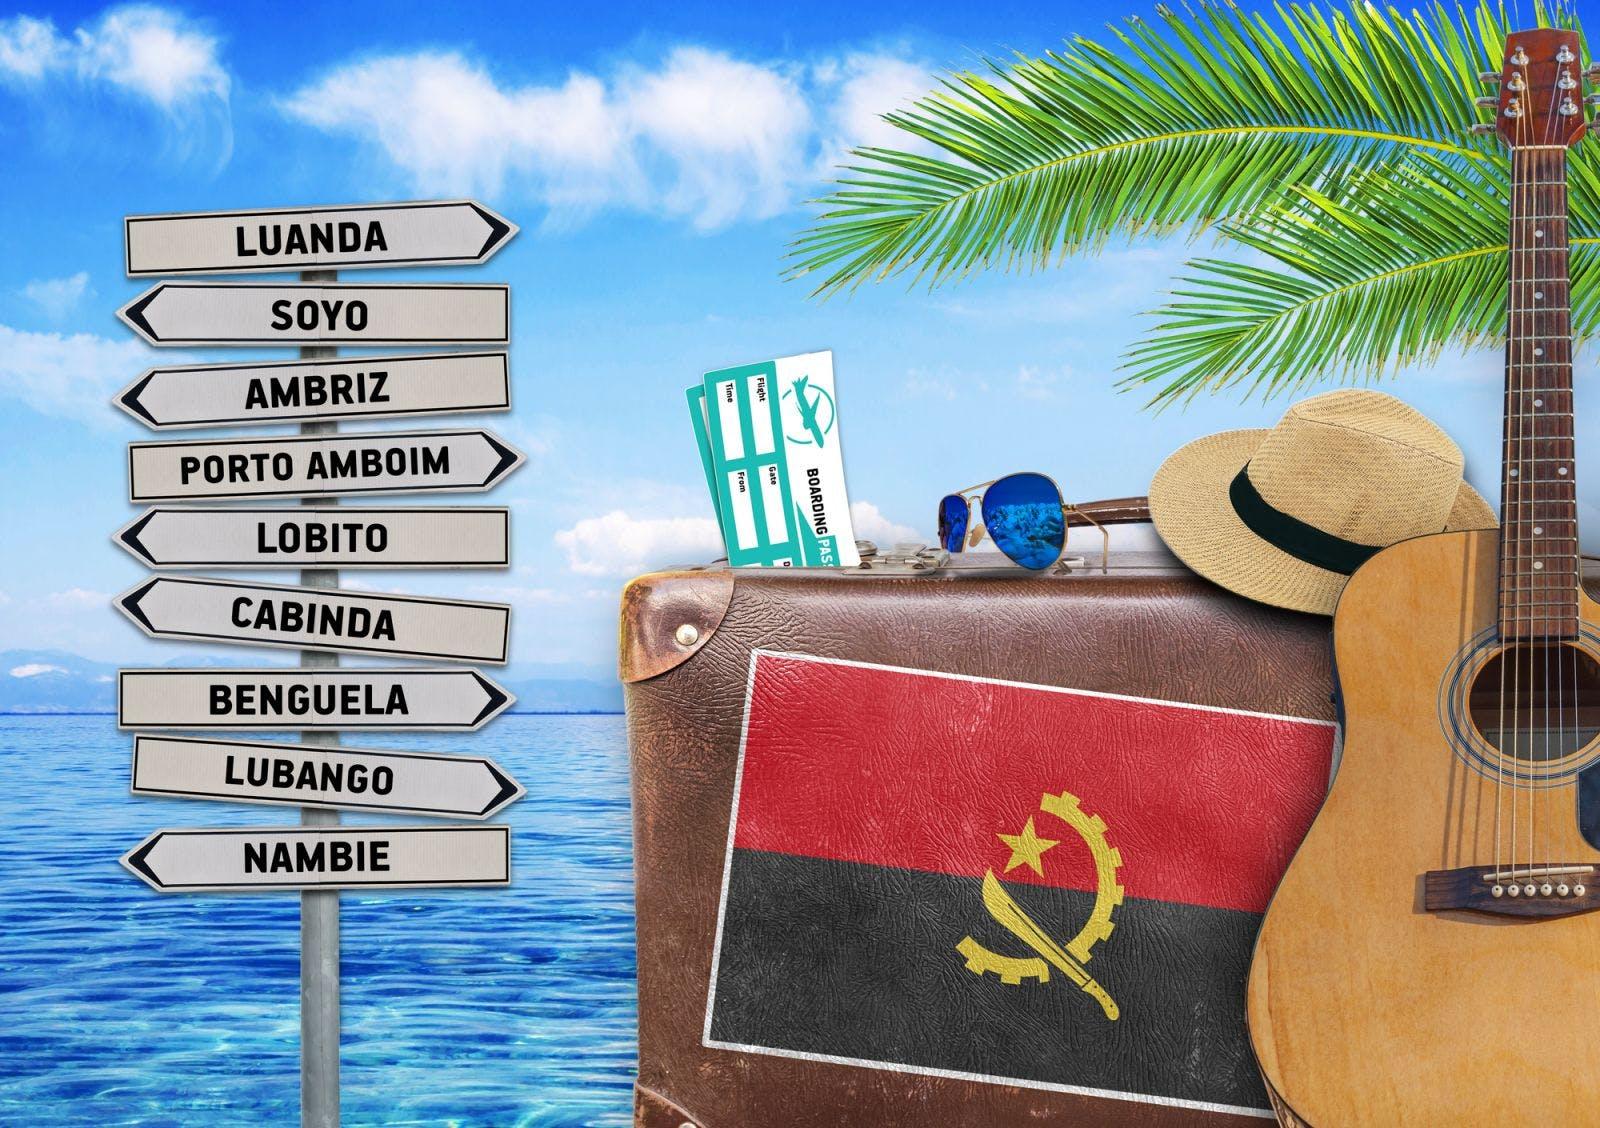 Picture of Luanda